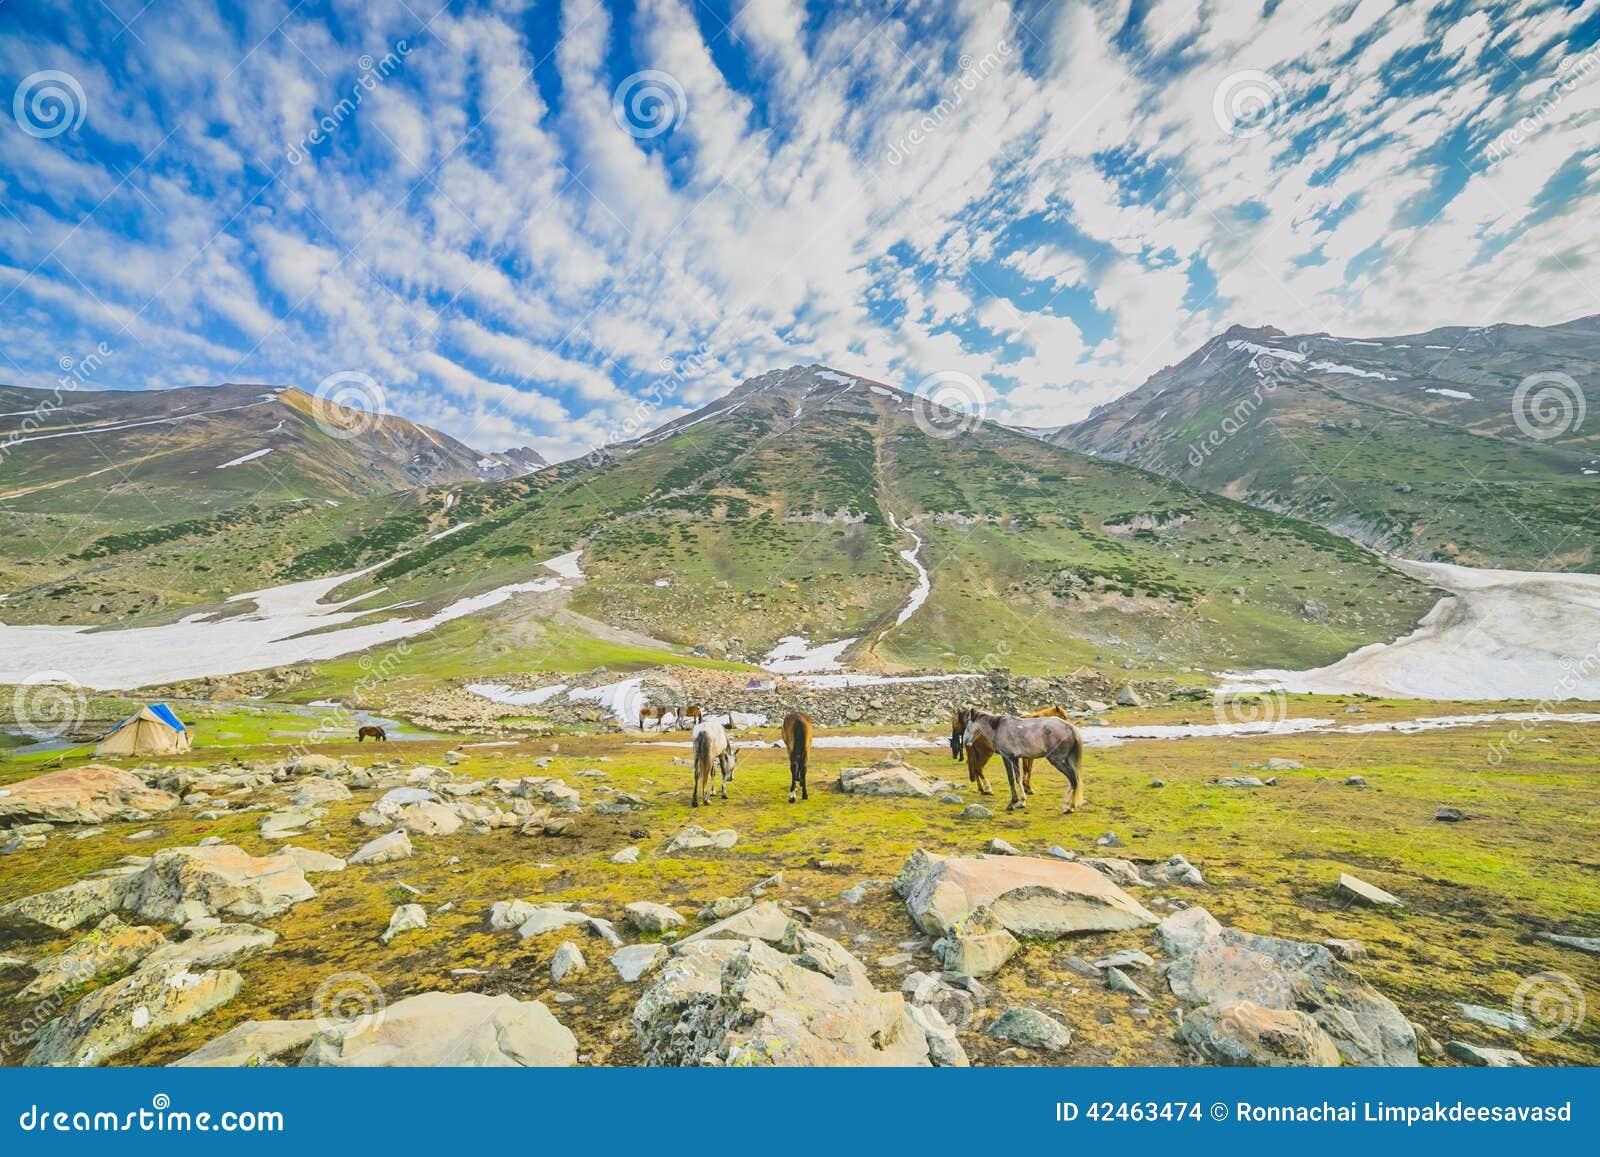 Weiden lassen von Pferden in den Bergen